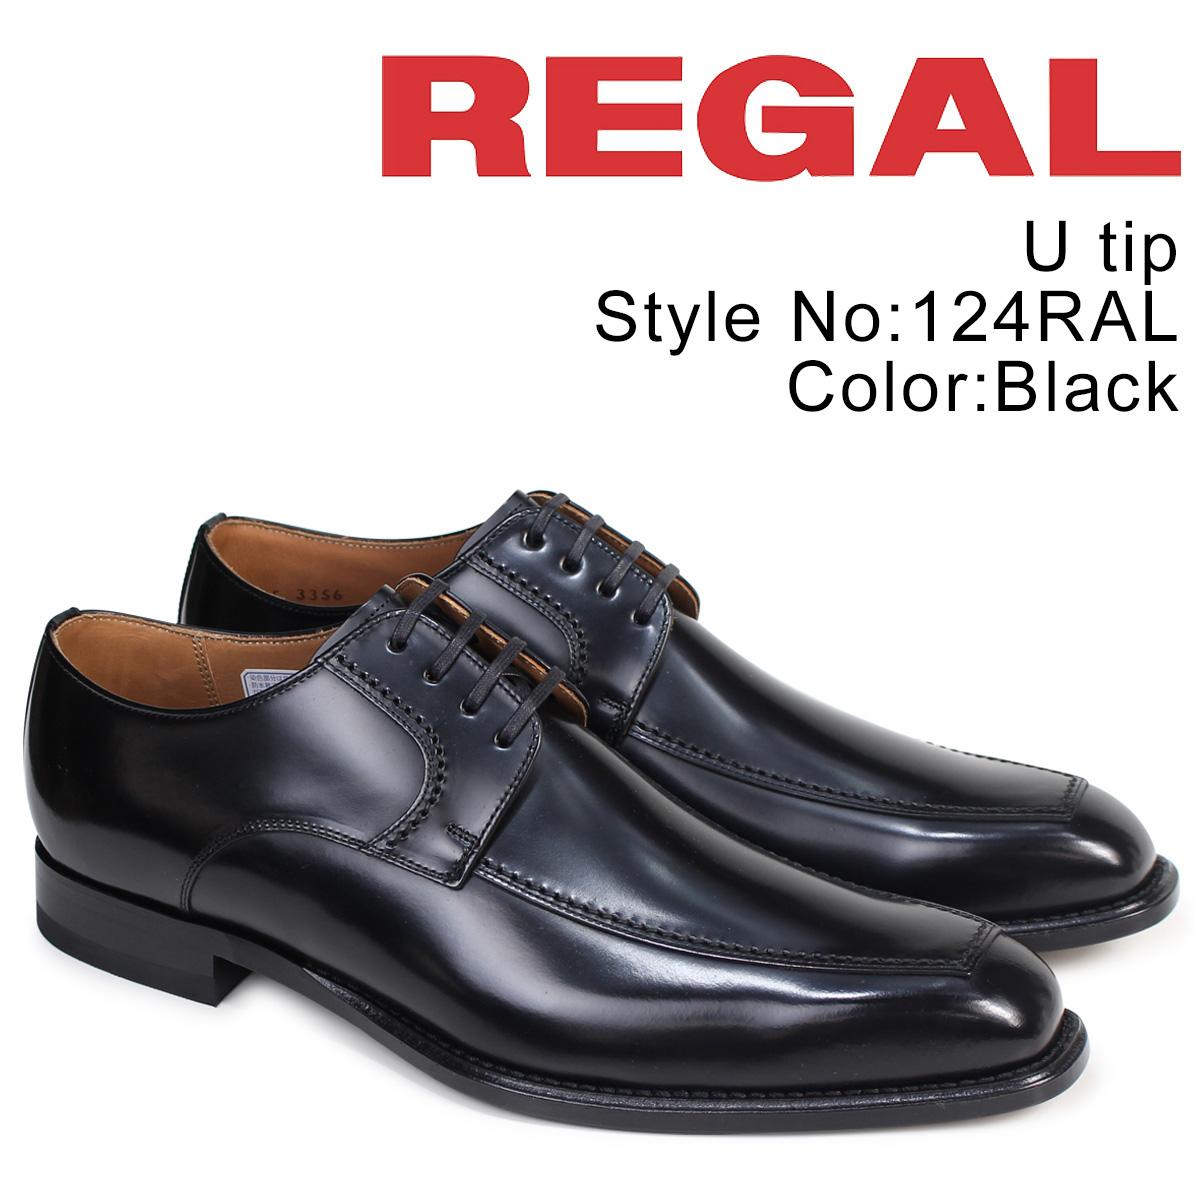 リーガル 靴 メンズ REGAL スクエアトゥ 124RAL ビジネスシューズ ブラック [9/12 追加入荷]